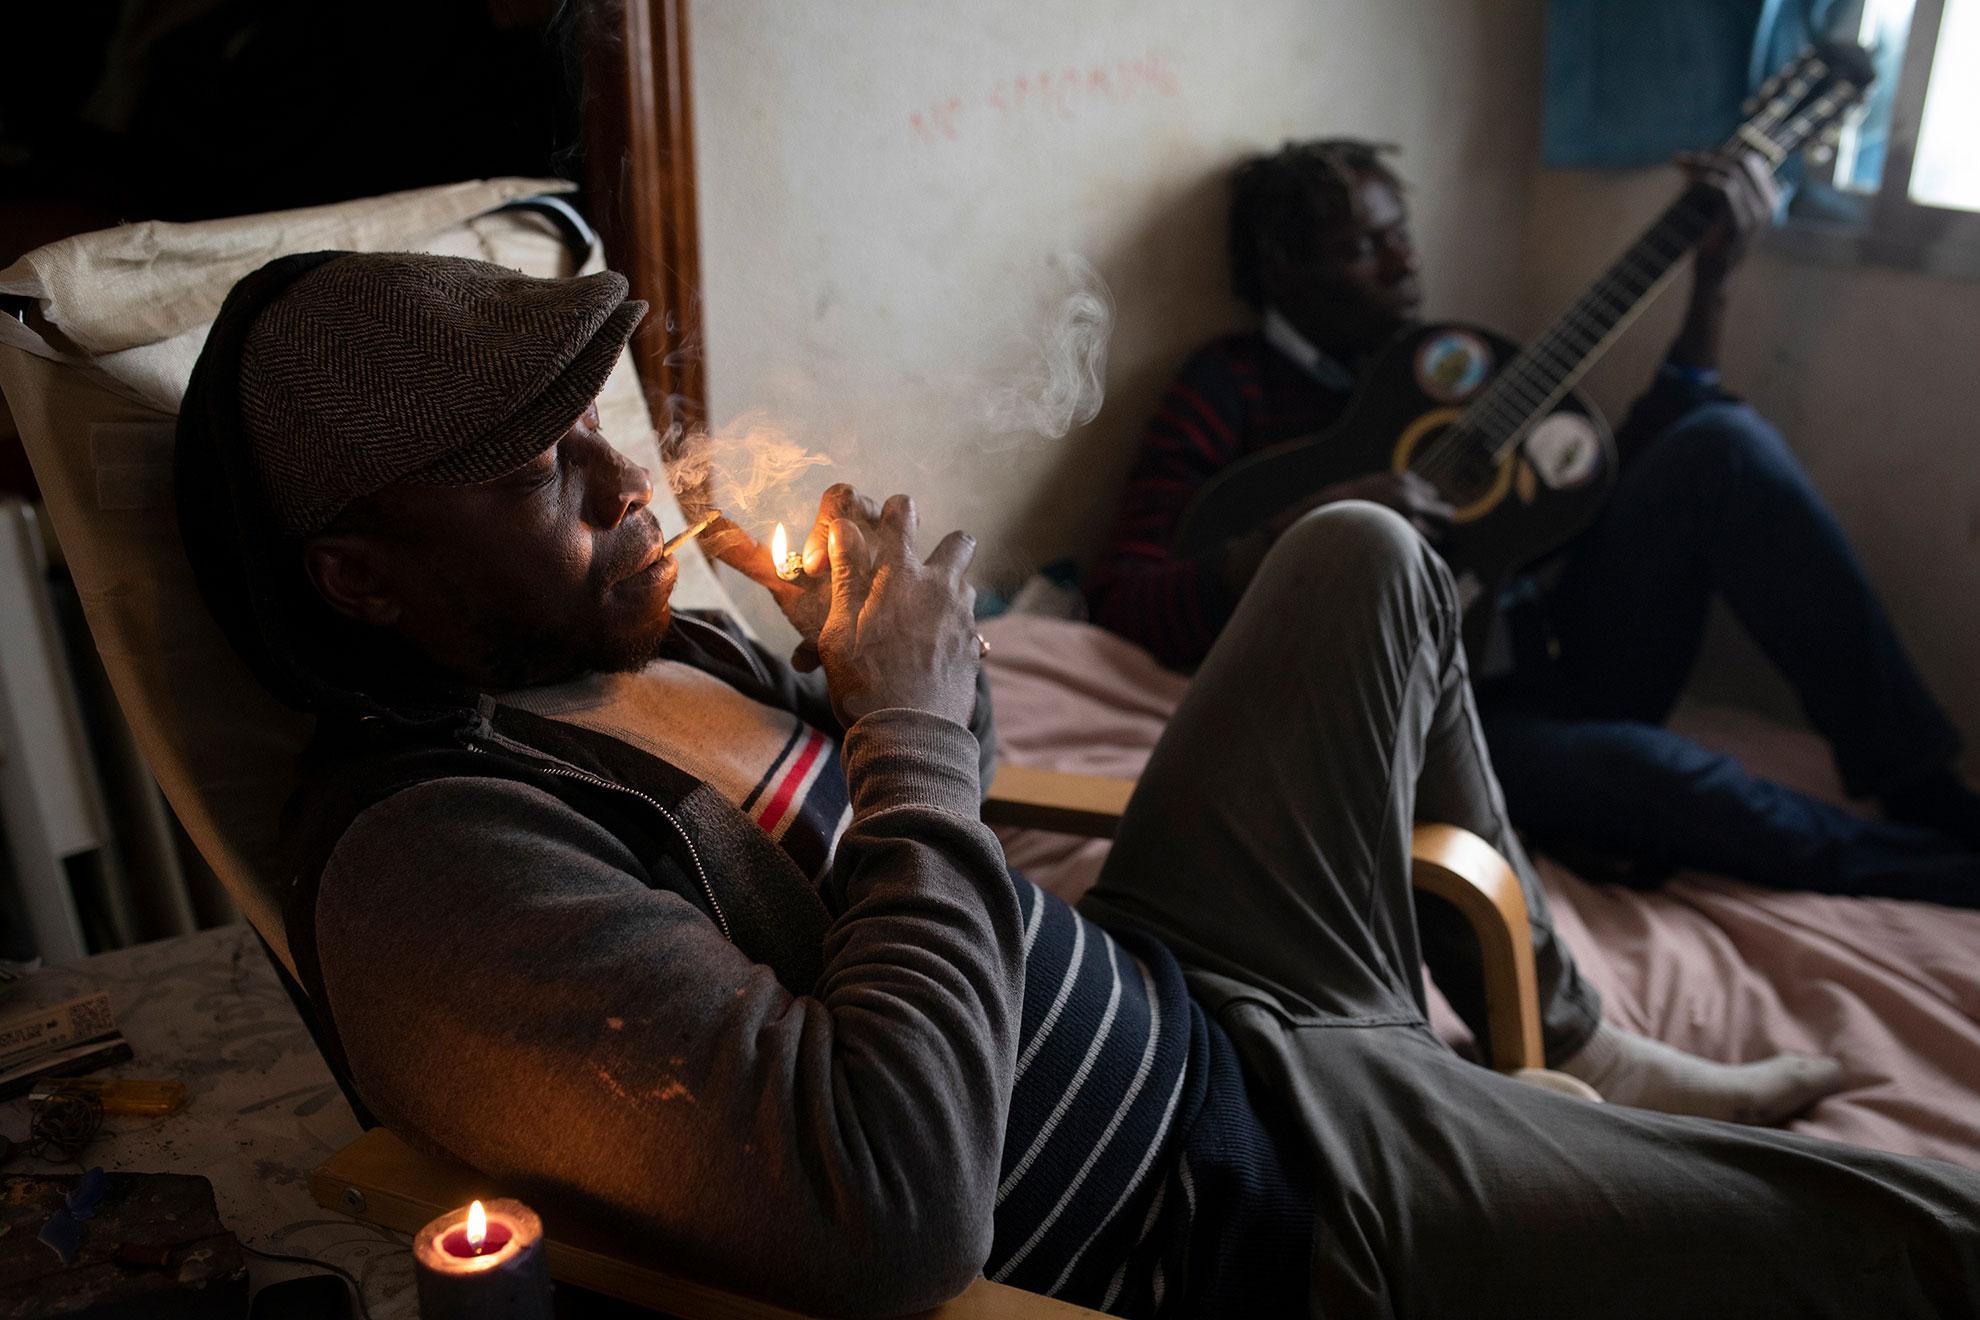 Yusuf (50) y Bruno (50) son de Guinea Bissau. Llegaron a Madrid hace más de veinte años, y viven en un pequeño piso okupado de Lavapiés. Yusuf era futbolista profesional, pero ahora se gana la vida tocando la guitarra en la calle. Bruno es hostelero, pero también vive de la música callejera. Ahora no pueden hacerlo, porque están respetando el confinamiento por el Covid-19, así que no perciben ningún tipo de ingreso. Les han cortado el agua también, y tienen que salir a los baños públicos cada vez que lo necesitan. Con los bares cerrados, tienen pocas opciones. Lo más duro de la cuarentena para ellos es... pasar hambre. El cansancio psicológico también va haciendo mella, y no poder comunicarse con nadie lo empeora todo. Echan de menos a la familia, a los amigos, la vida normal. Quizás no nos damos cuenta de lo afortunados que somos la mayoría. Quizás este es un buen momento para hacerlo.